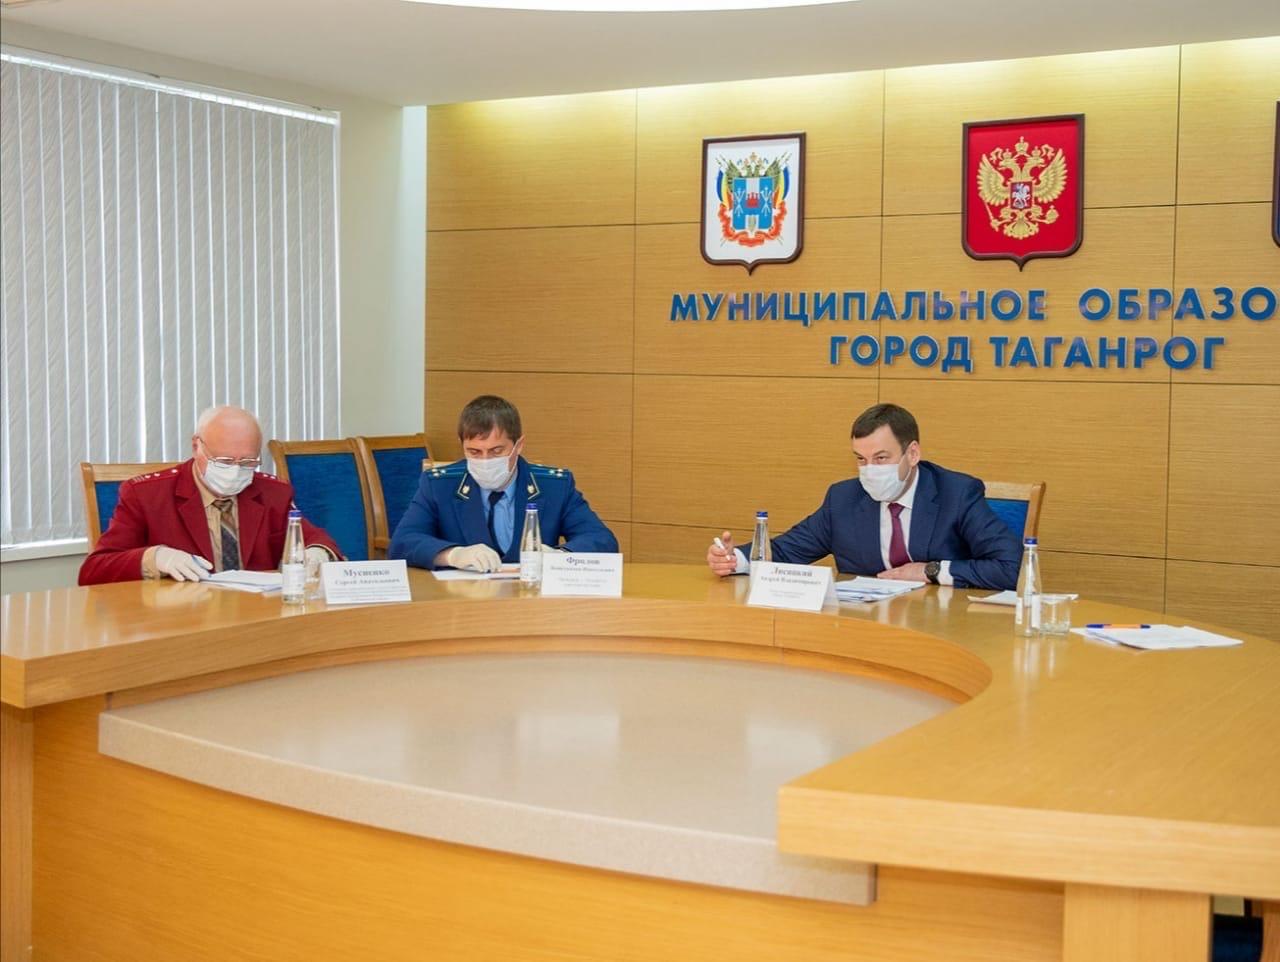 Глава Администрации Таганрога Андрей Лисицкий провёл совещание с руководителями крупных объектов торговли